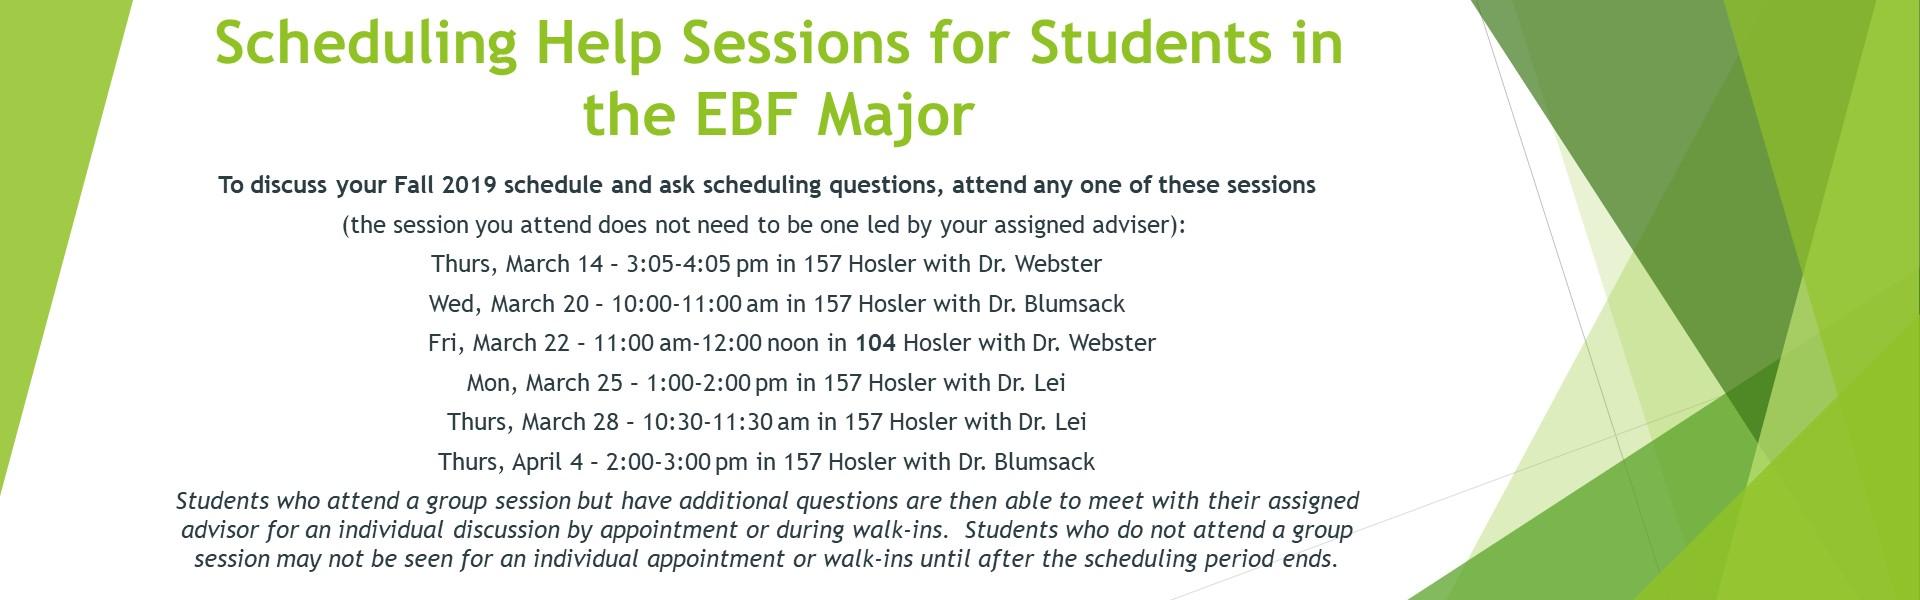 EBF Scheduling Help